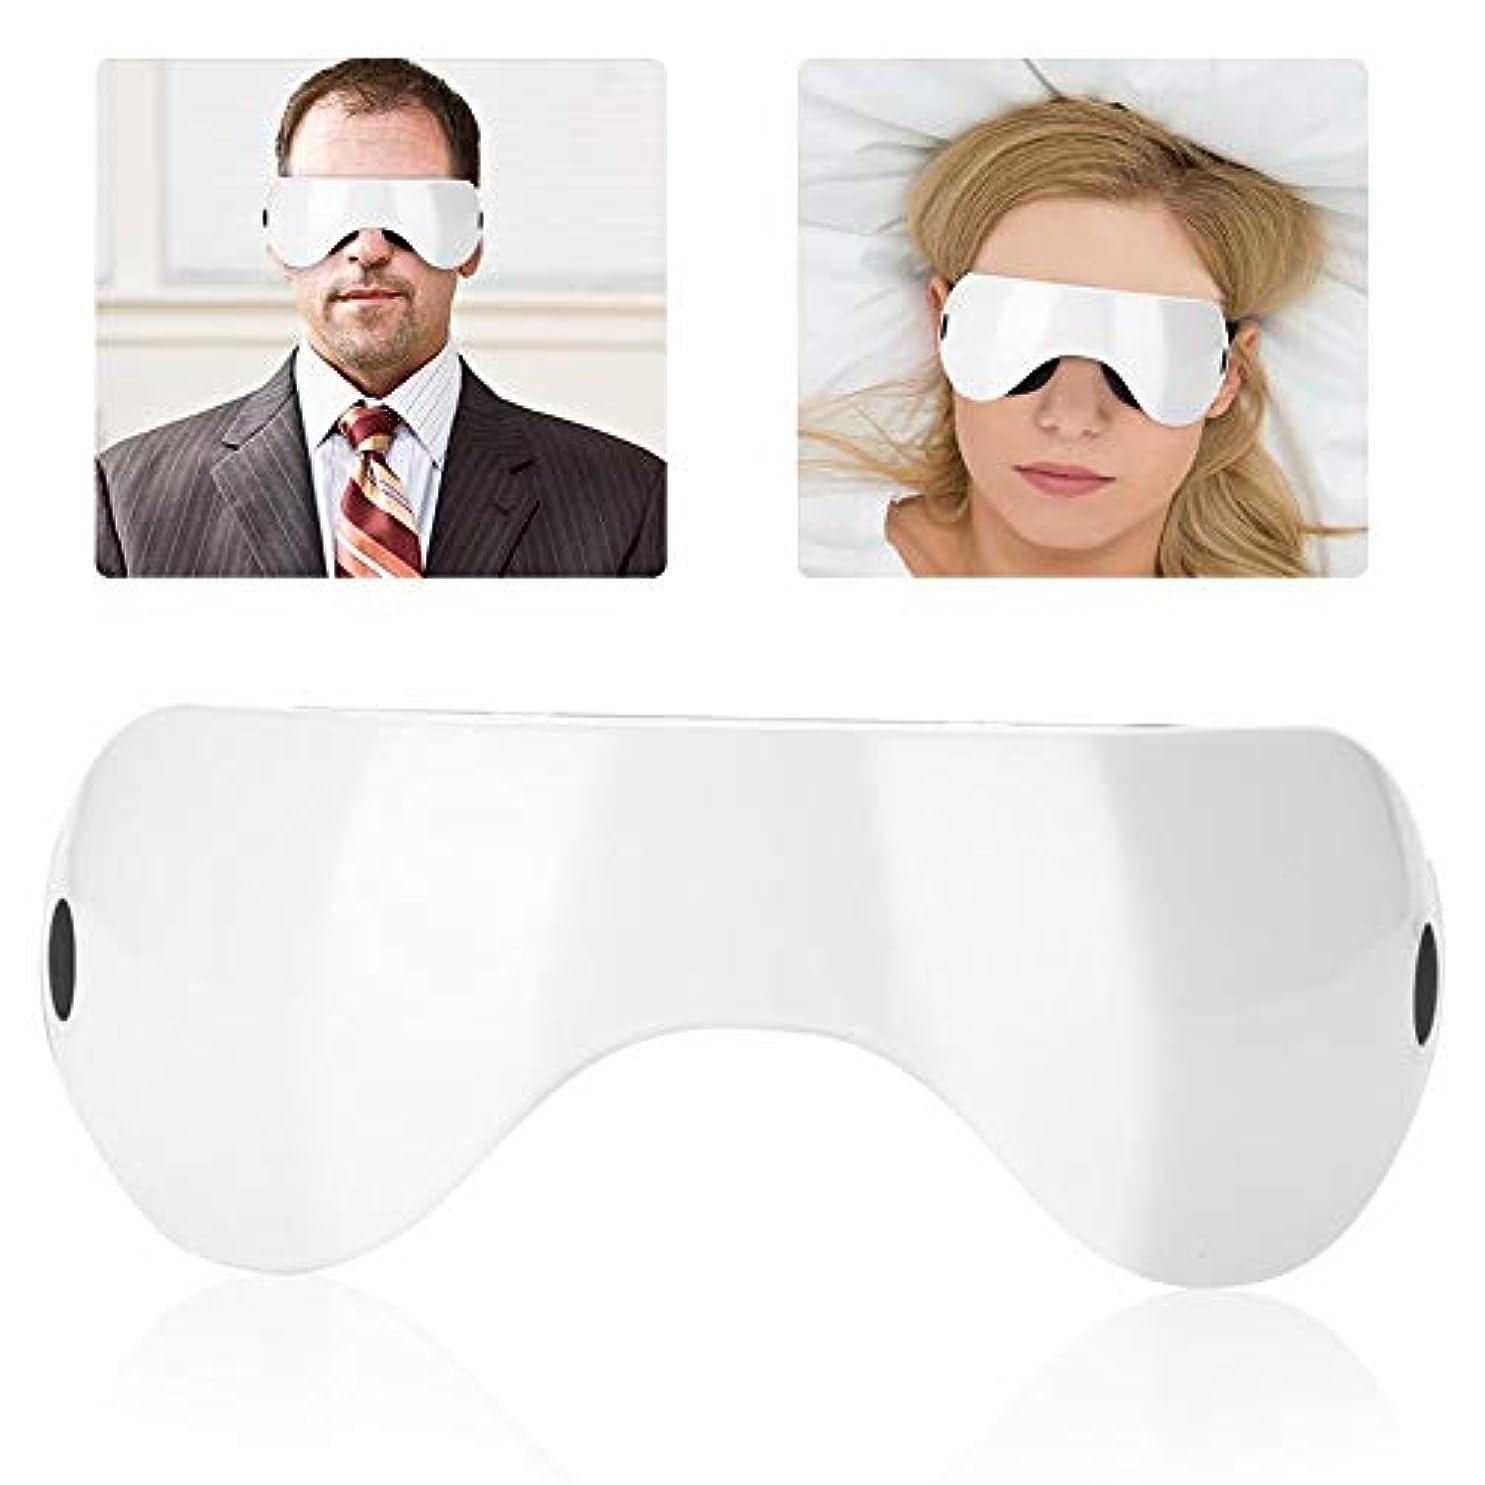 壁紙キャラクター投資電気アイマッサージャー 疲労 片頭痛 額のマッサージ 和らげるための専門 健康